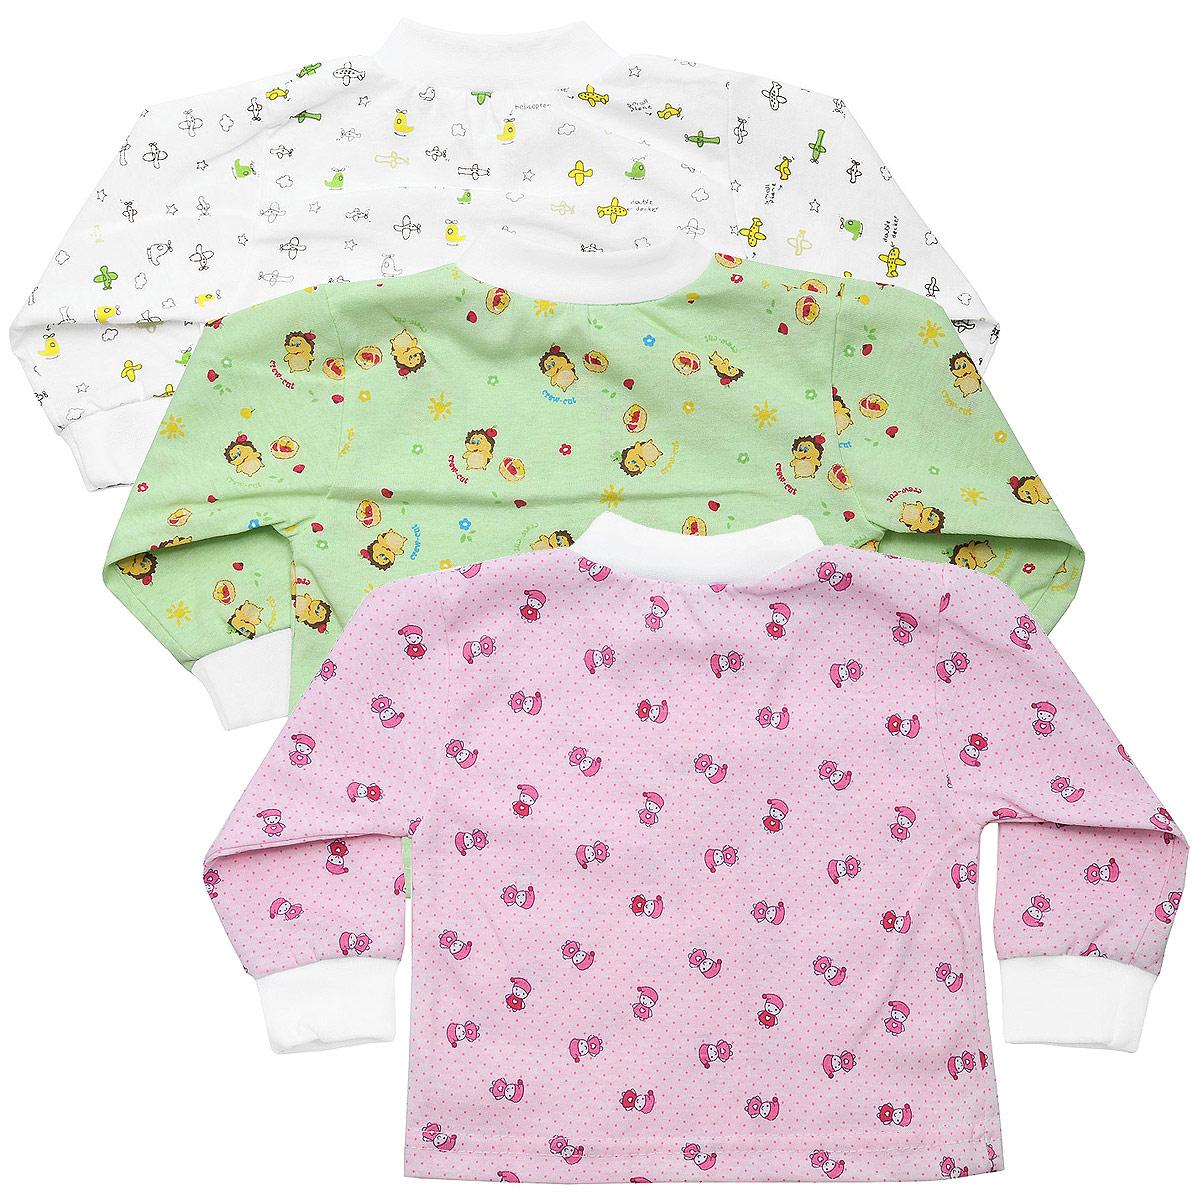 10-201дКомплект Фреш Стайл состоит из трех кофточек для девочки разных цветов с забавными рисунками. Выполненные из натурального хлопка, они необычайно мягкие и приятные на ощупь, не раздражают нежную кожу ребенка и хорошо вентилируются. Кофточки с длинными рукавами и воротником-стойкой застегиваются спереди на кнопки по всей длине, что помогает без проблем переодеть малышку. Оригинальное сочетание тканей и забавный рисунок делают этот предмет детской одежды оригинальным и стильным. УВАЖАЕМЫЕ КЛИЕНТЫ! Обращаем ваше внимание на возможные изменения в дизайне, связанные с ассортиментом продукции: рисунок и цветовая гамма могут отличаться от представленного на изображении. Возможные варианты рисунков и цветов представлены на отдельном изображении фрагментом ткани.